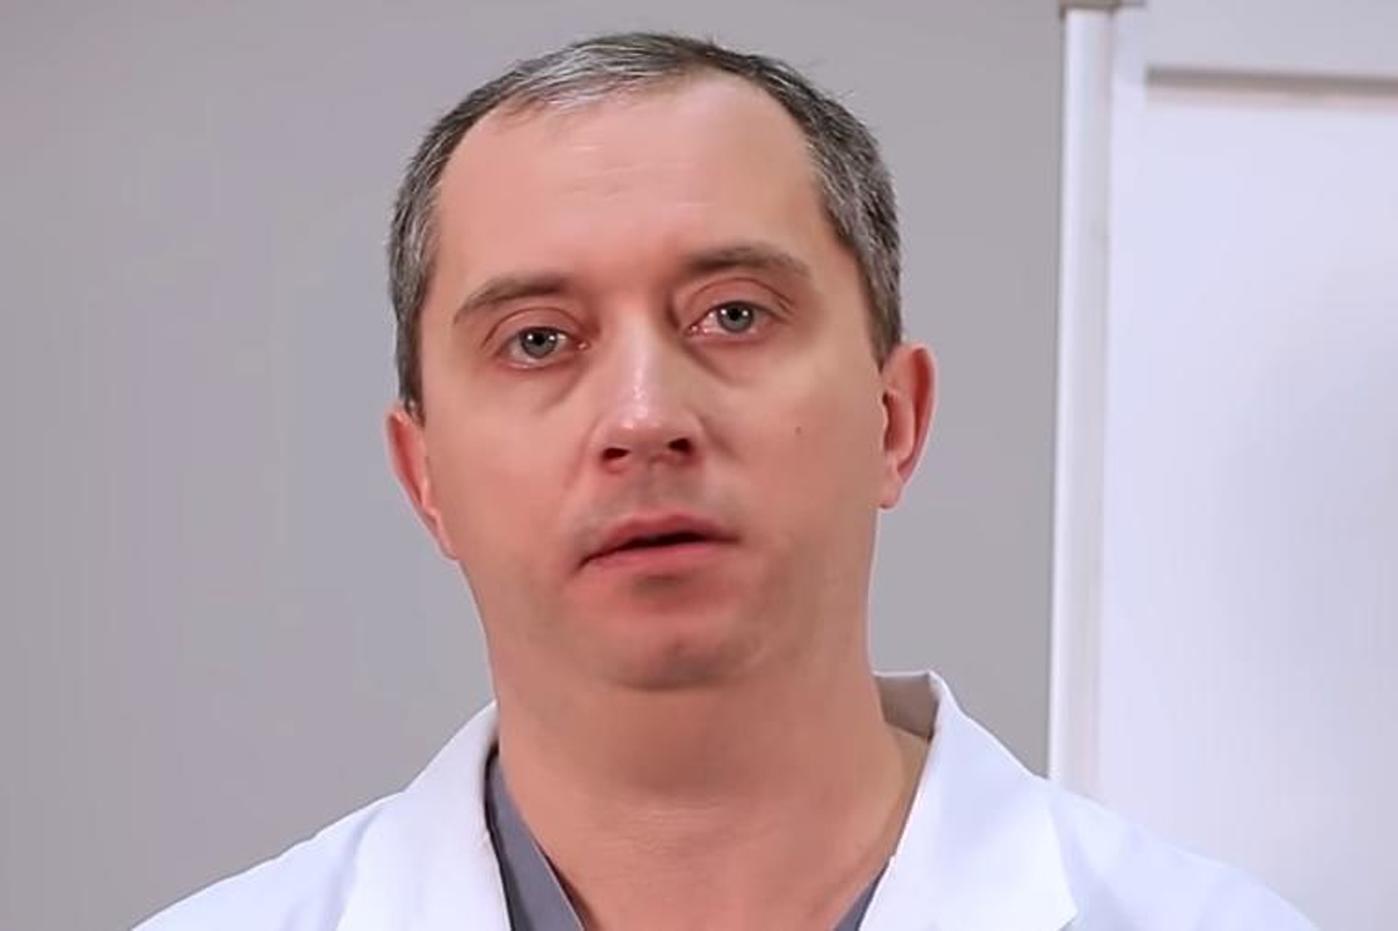 hipertenzija liječnik liječenje potentnost liječenje hipertenzije